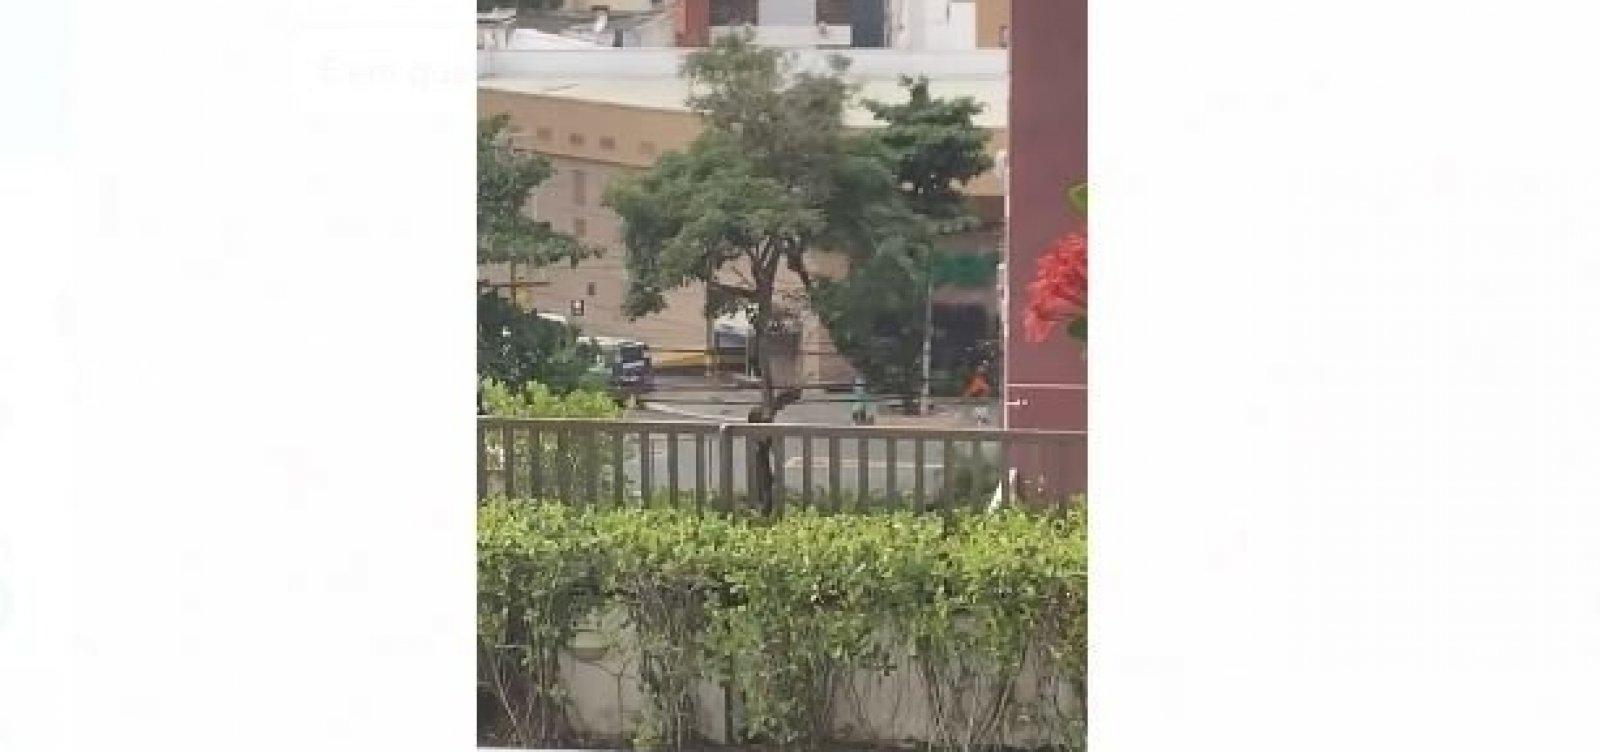 Seguranças reagem e evitam assalto a carro-forte na Pituba; tiroteio assustou moradores